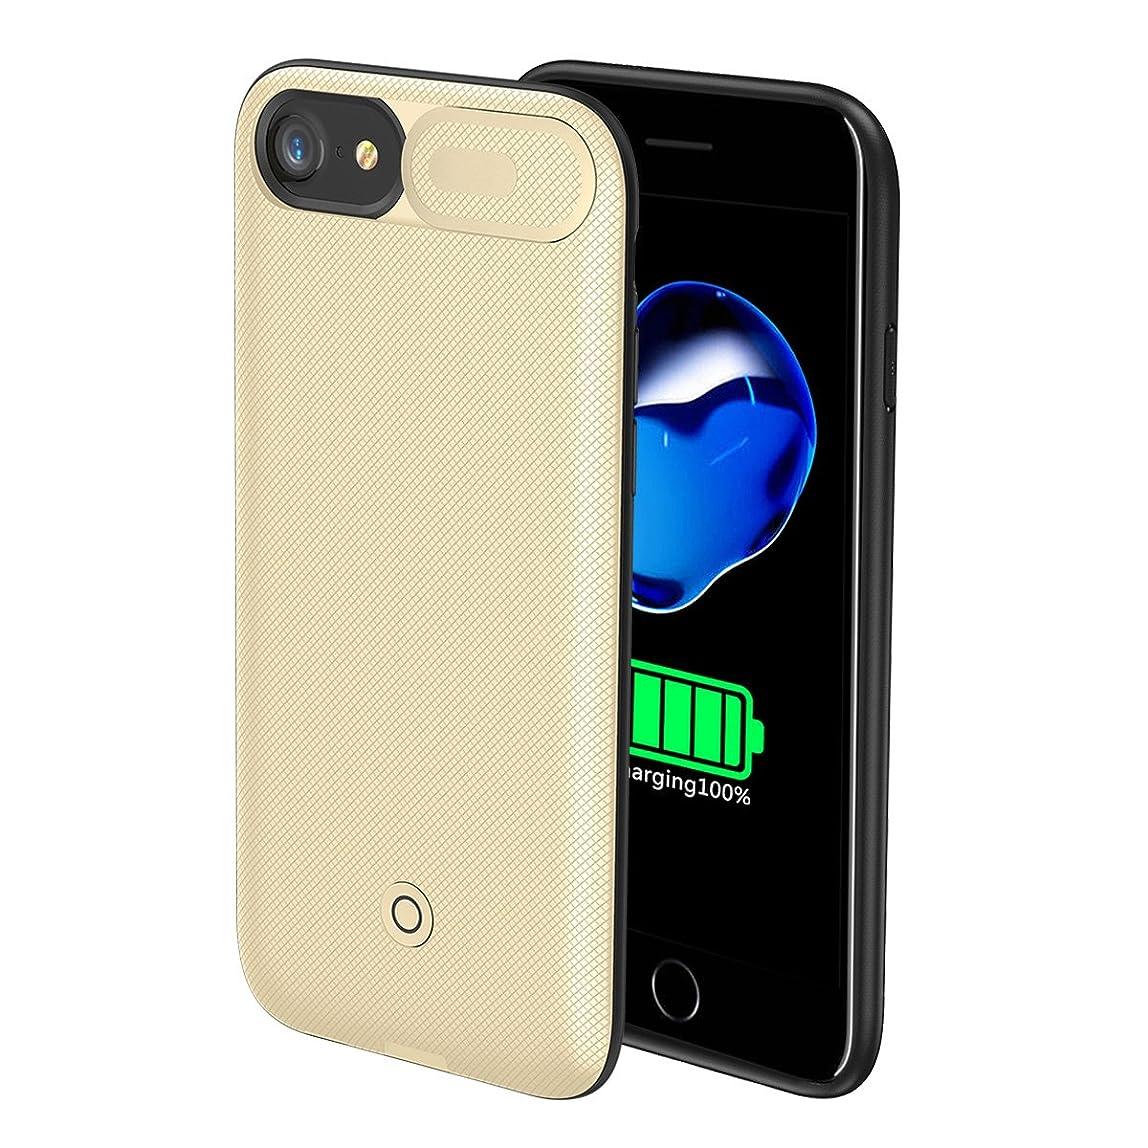 大工列挙するミリメートルiPhone 6 iPhone 6s iPhone 7 iPhone 8 対応 バッテリー内蔵ケース 5500mAh バッテリーケース 充電ケース 対応 ケース バッテリー 大容量 4.7インチ用 金